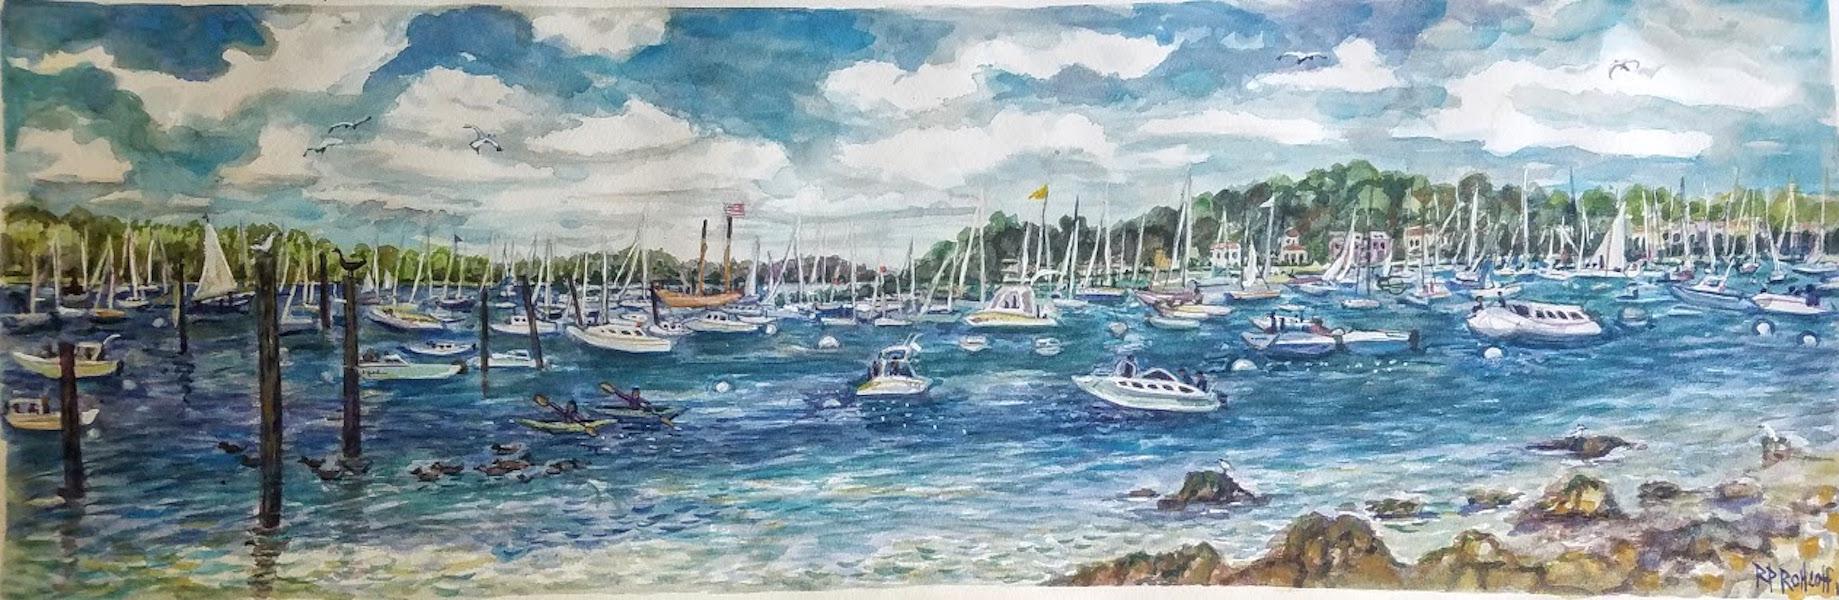 Salem Harbor-3.jpg